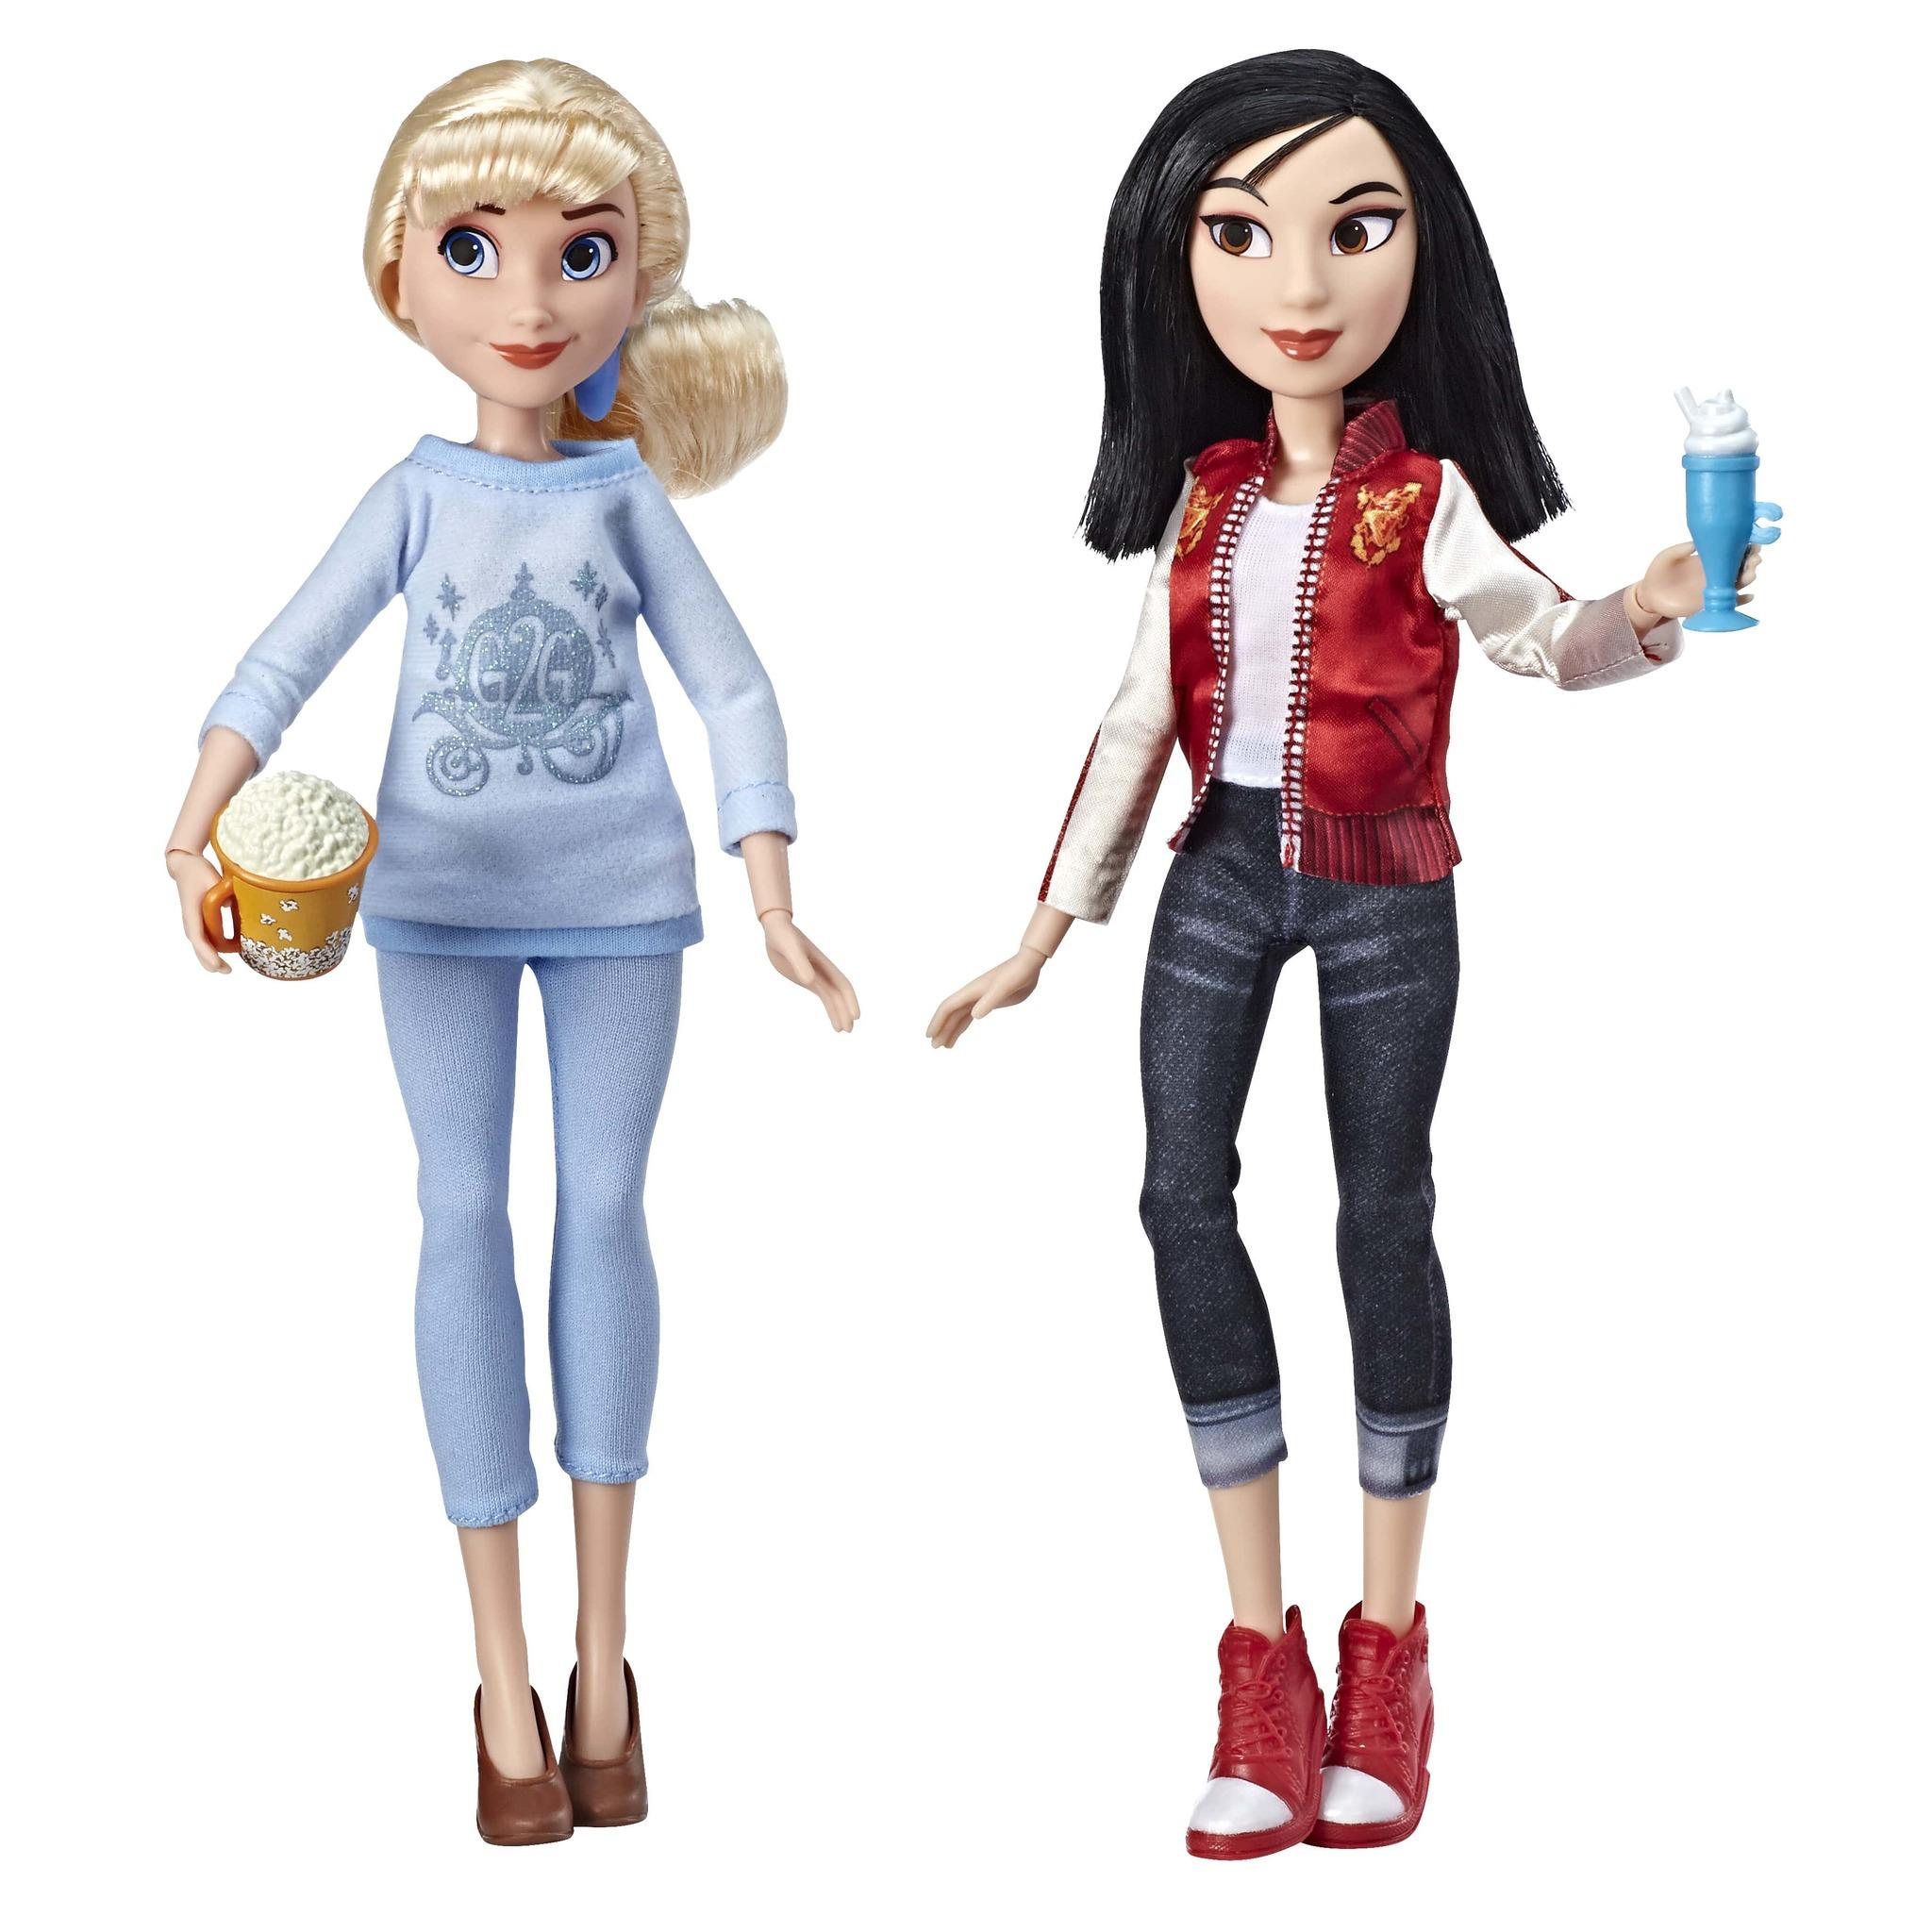 Купить Куклы Disney Princess Золушка и Мулан - Ральф против интернета E7414,